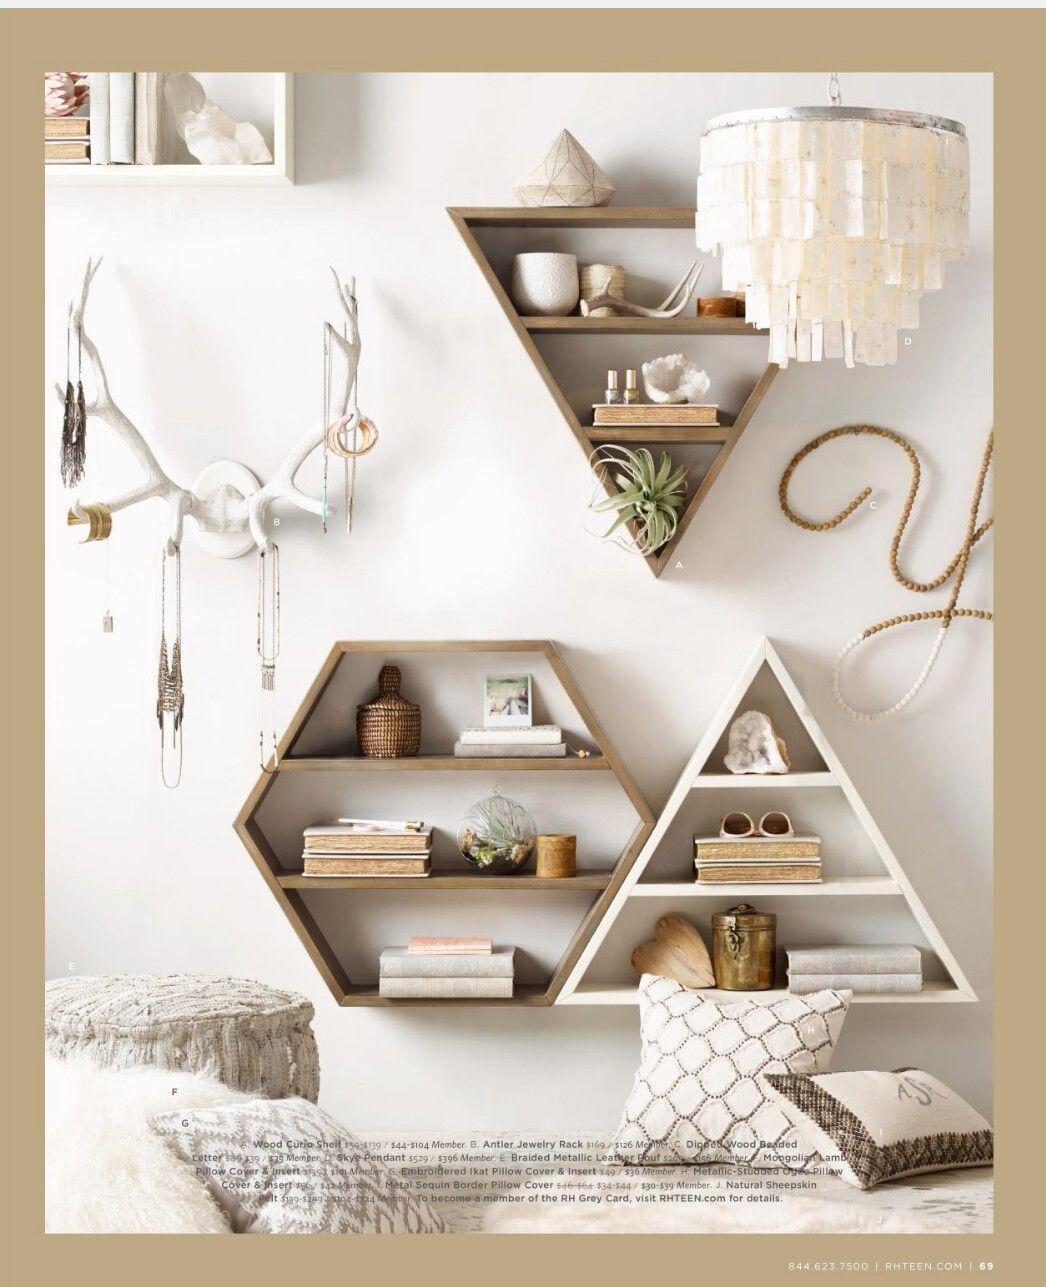 Cute Shelves Look Easy To Make Slaapkamerideeen Slaapkamer Decor Kamerinrichting